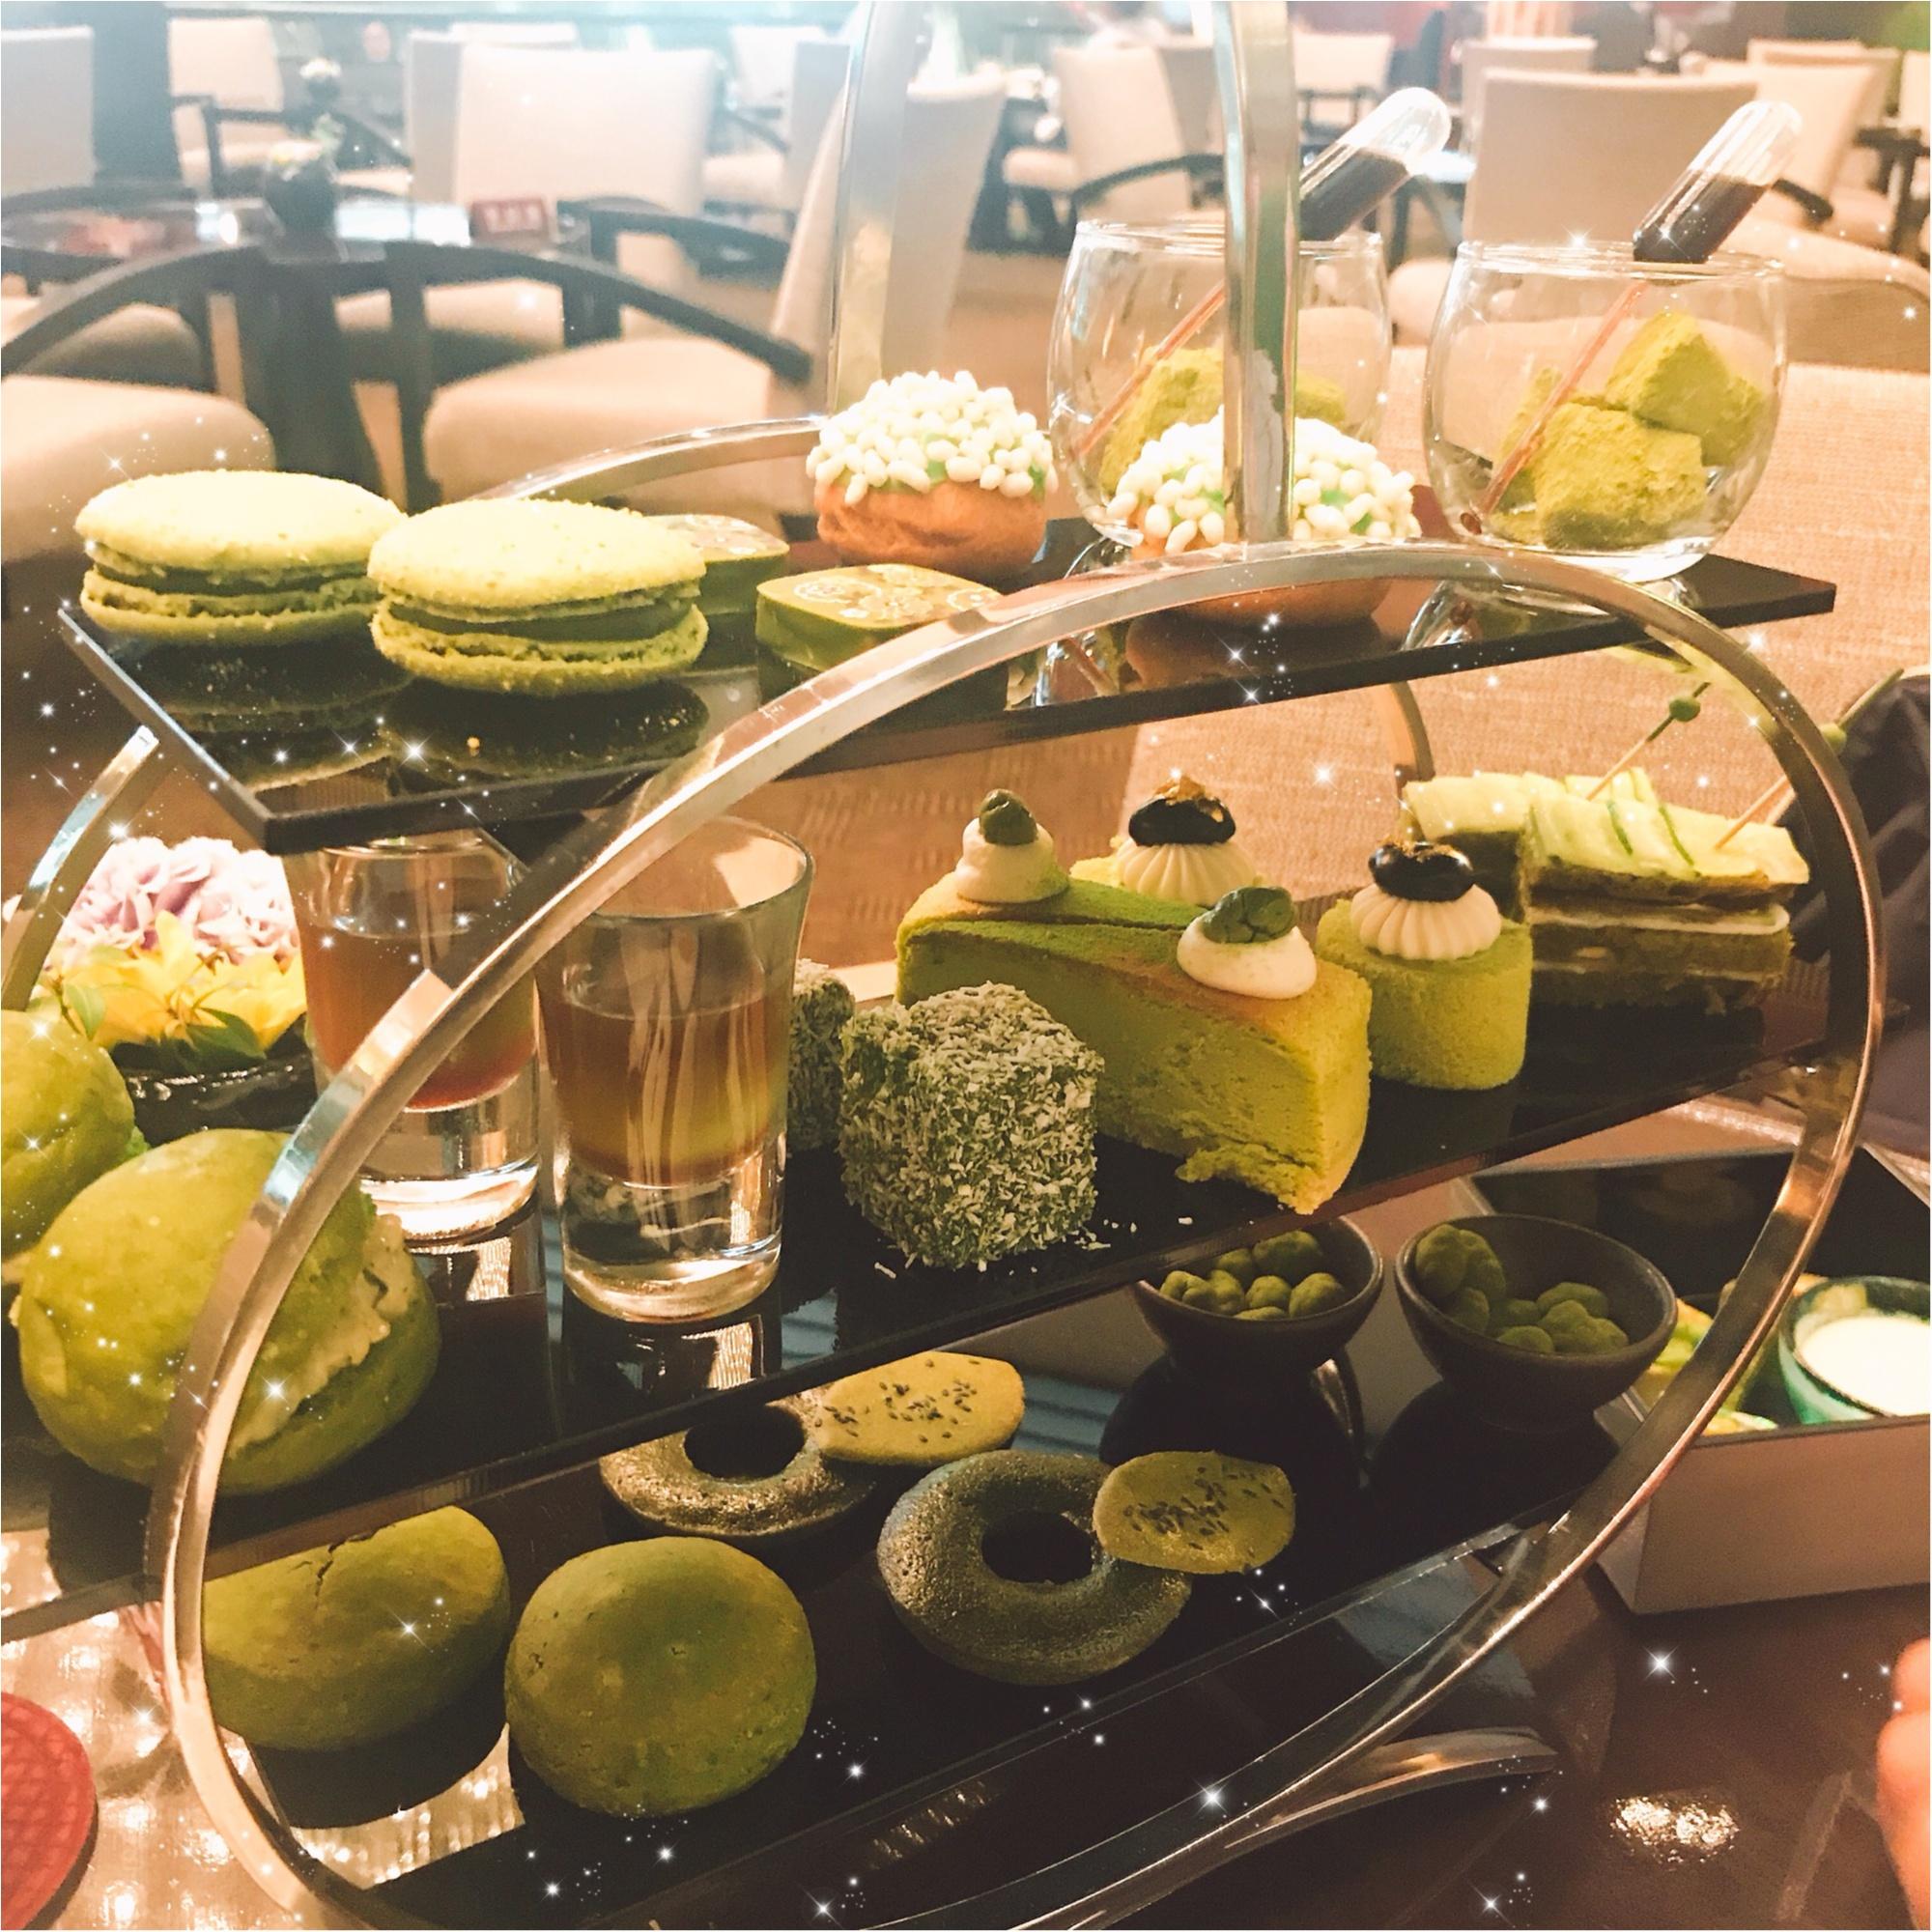 期間限定!抹茶好きにはたまらない、ANAインターコンチネンタルホテル東京の抹茶アフタヌーンティー。_4